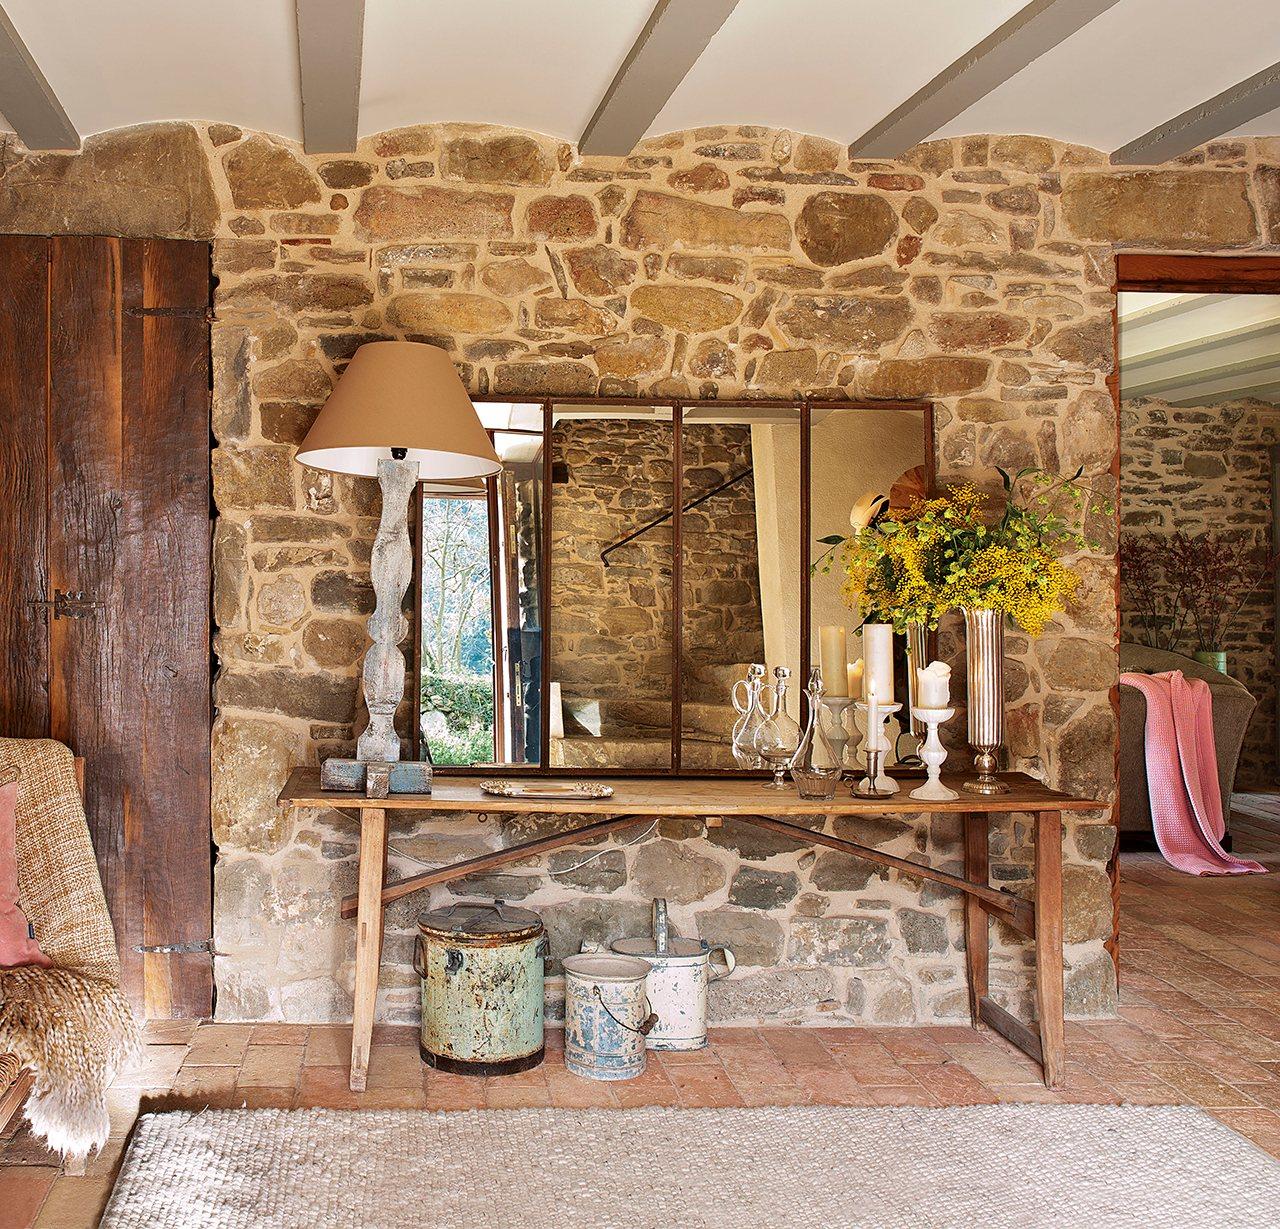 225 - Masía del s. XVI reconvertida en espectacular casa rural en La Garrotxa, Girona